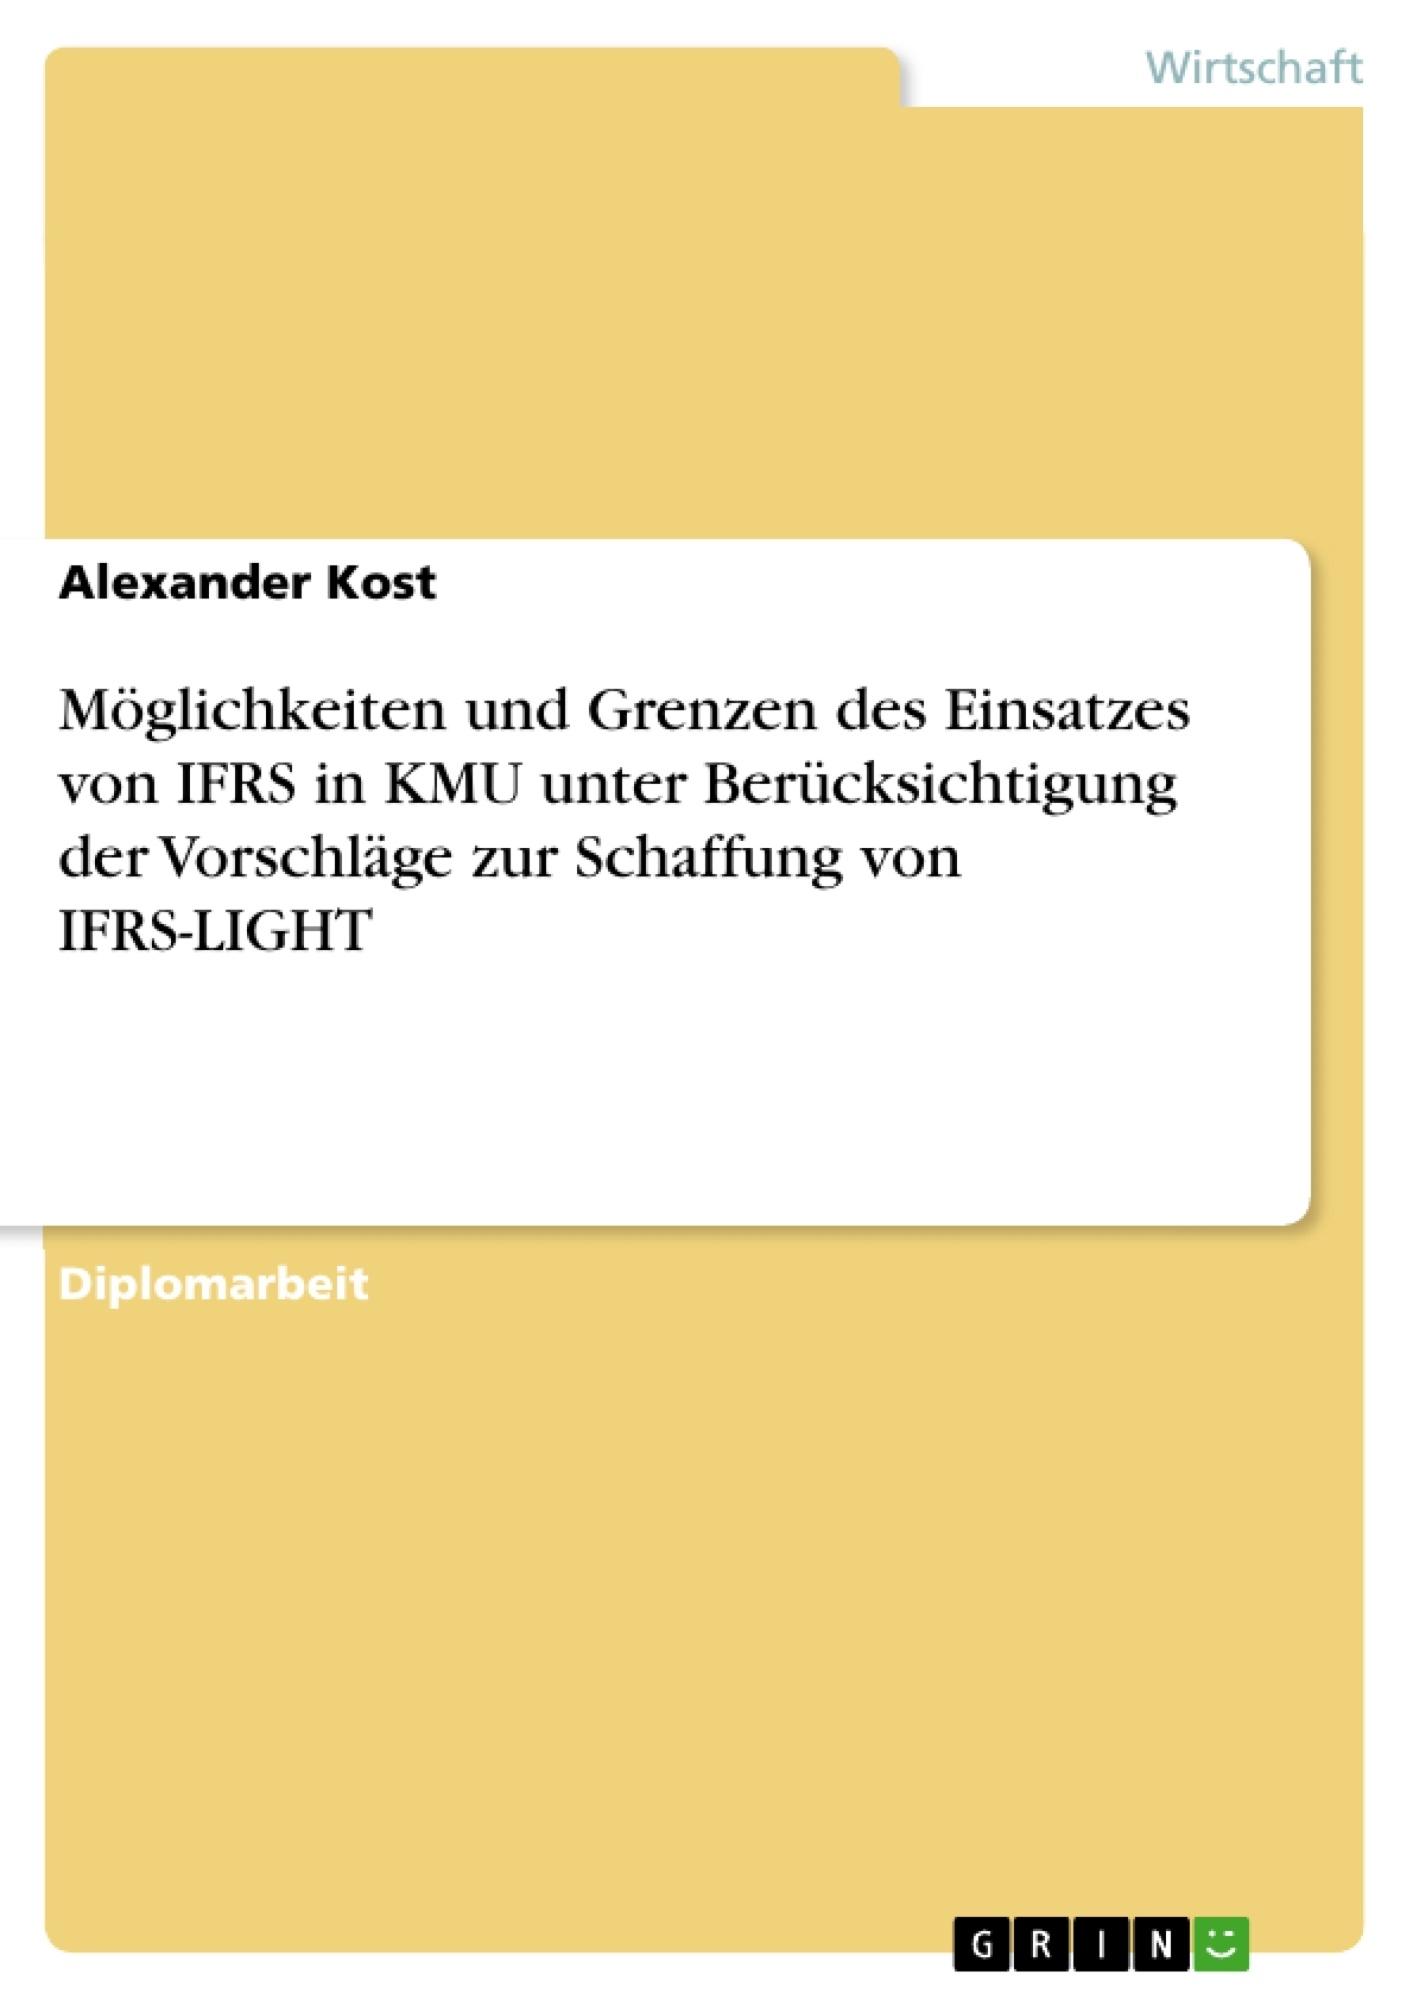 Titel: Möglichkeiten und Grenzen des Einsatzes von IFRS in KMU unter Berücksichtigung der Vorschläge zur Schaffung von IFRS-LIGHT